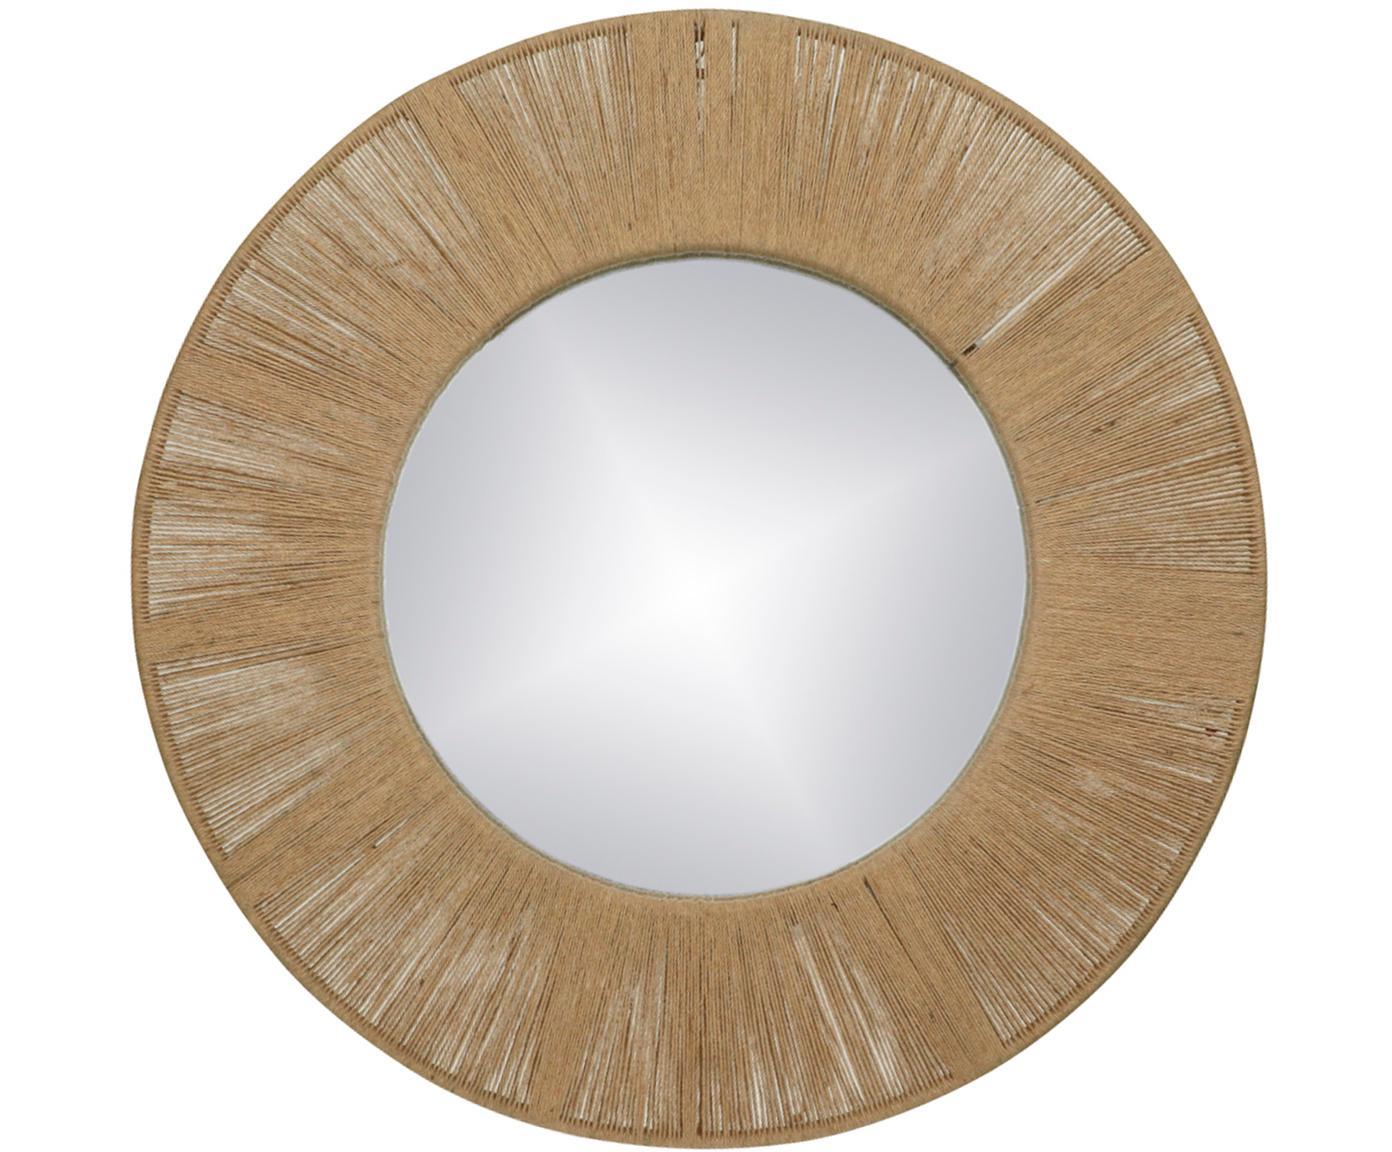 Specchio rotondo a parete Finesse, Cornice: metallo, fibra naturale, Superficie dello specchio: lastra di vetro, Marrone, Ø 50 cm